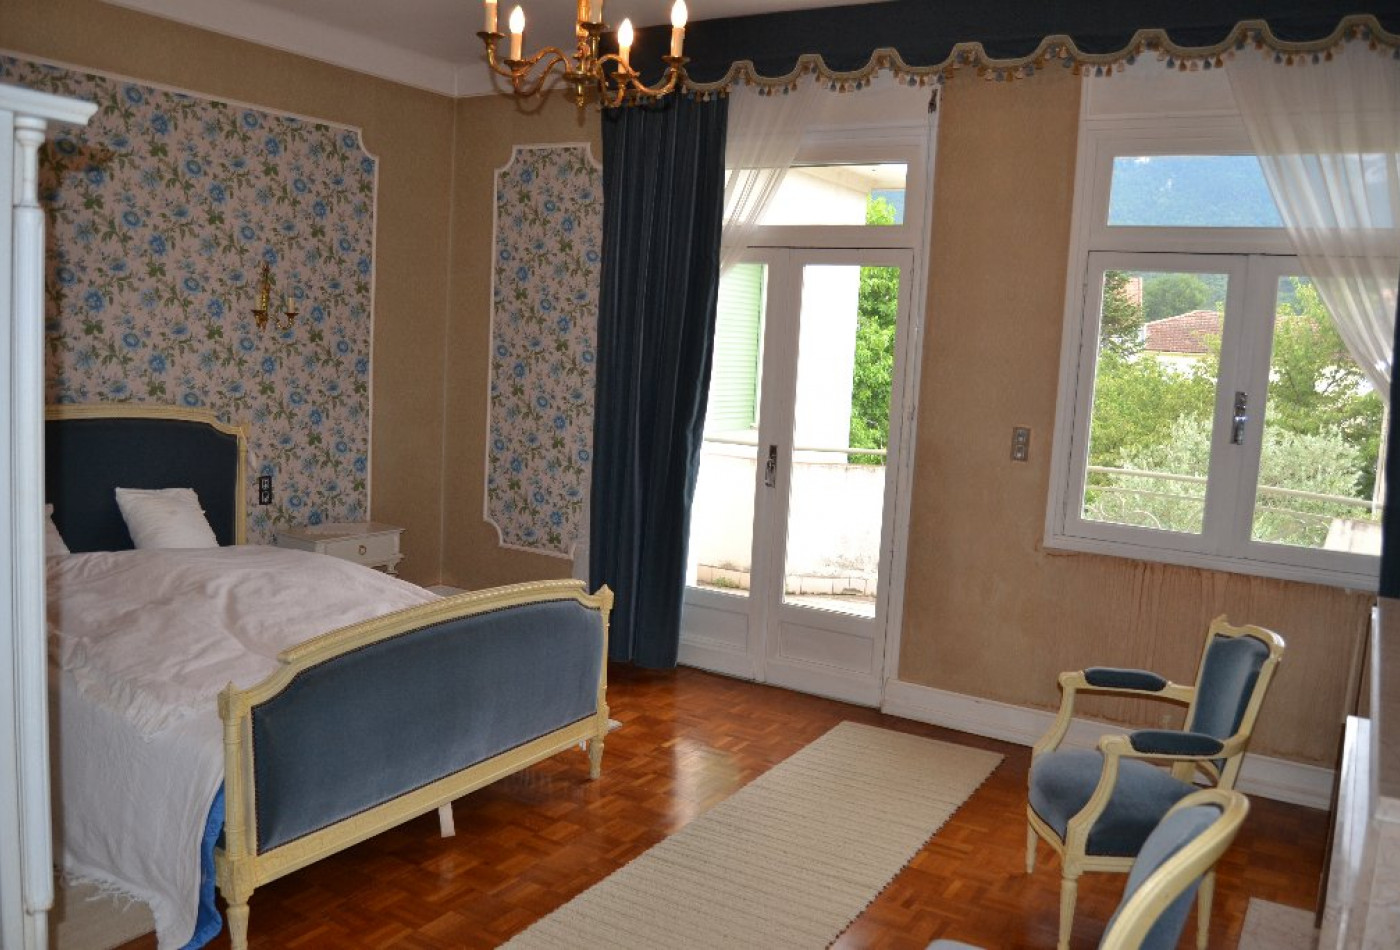 Maison en vente quillan rf 11027697 m m immobilier for Piscine quillan